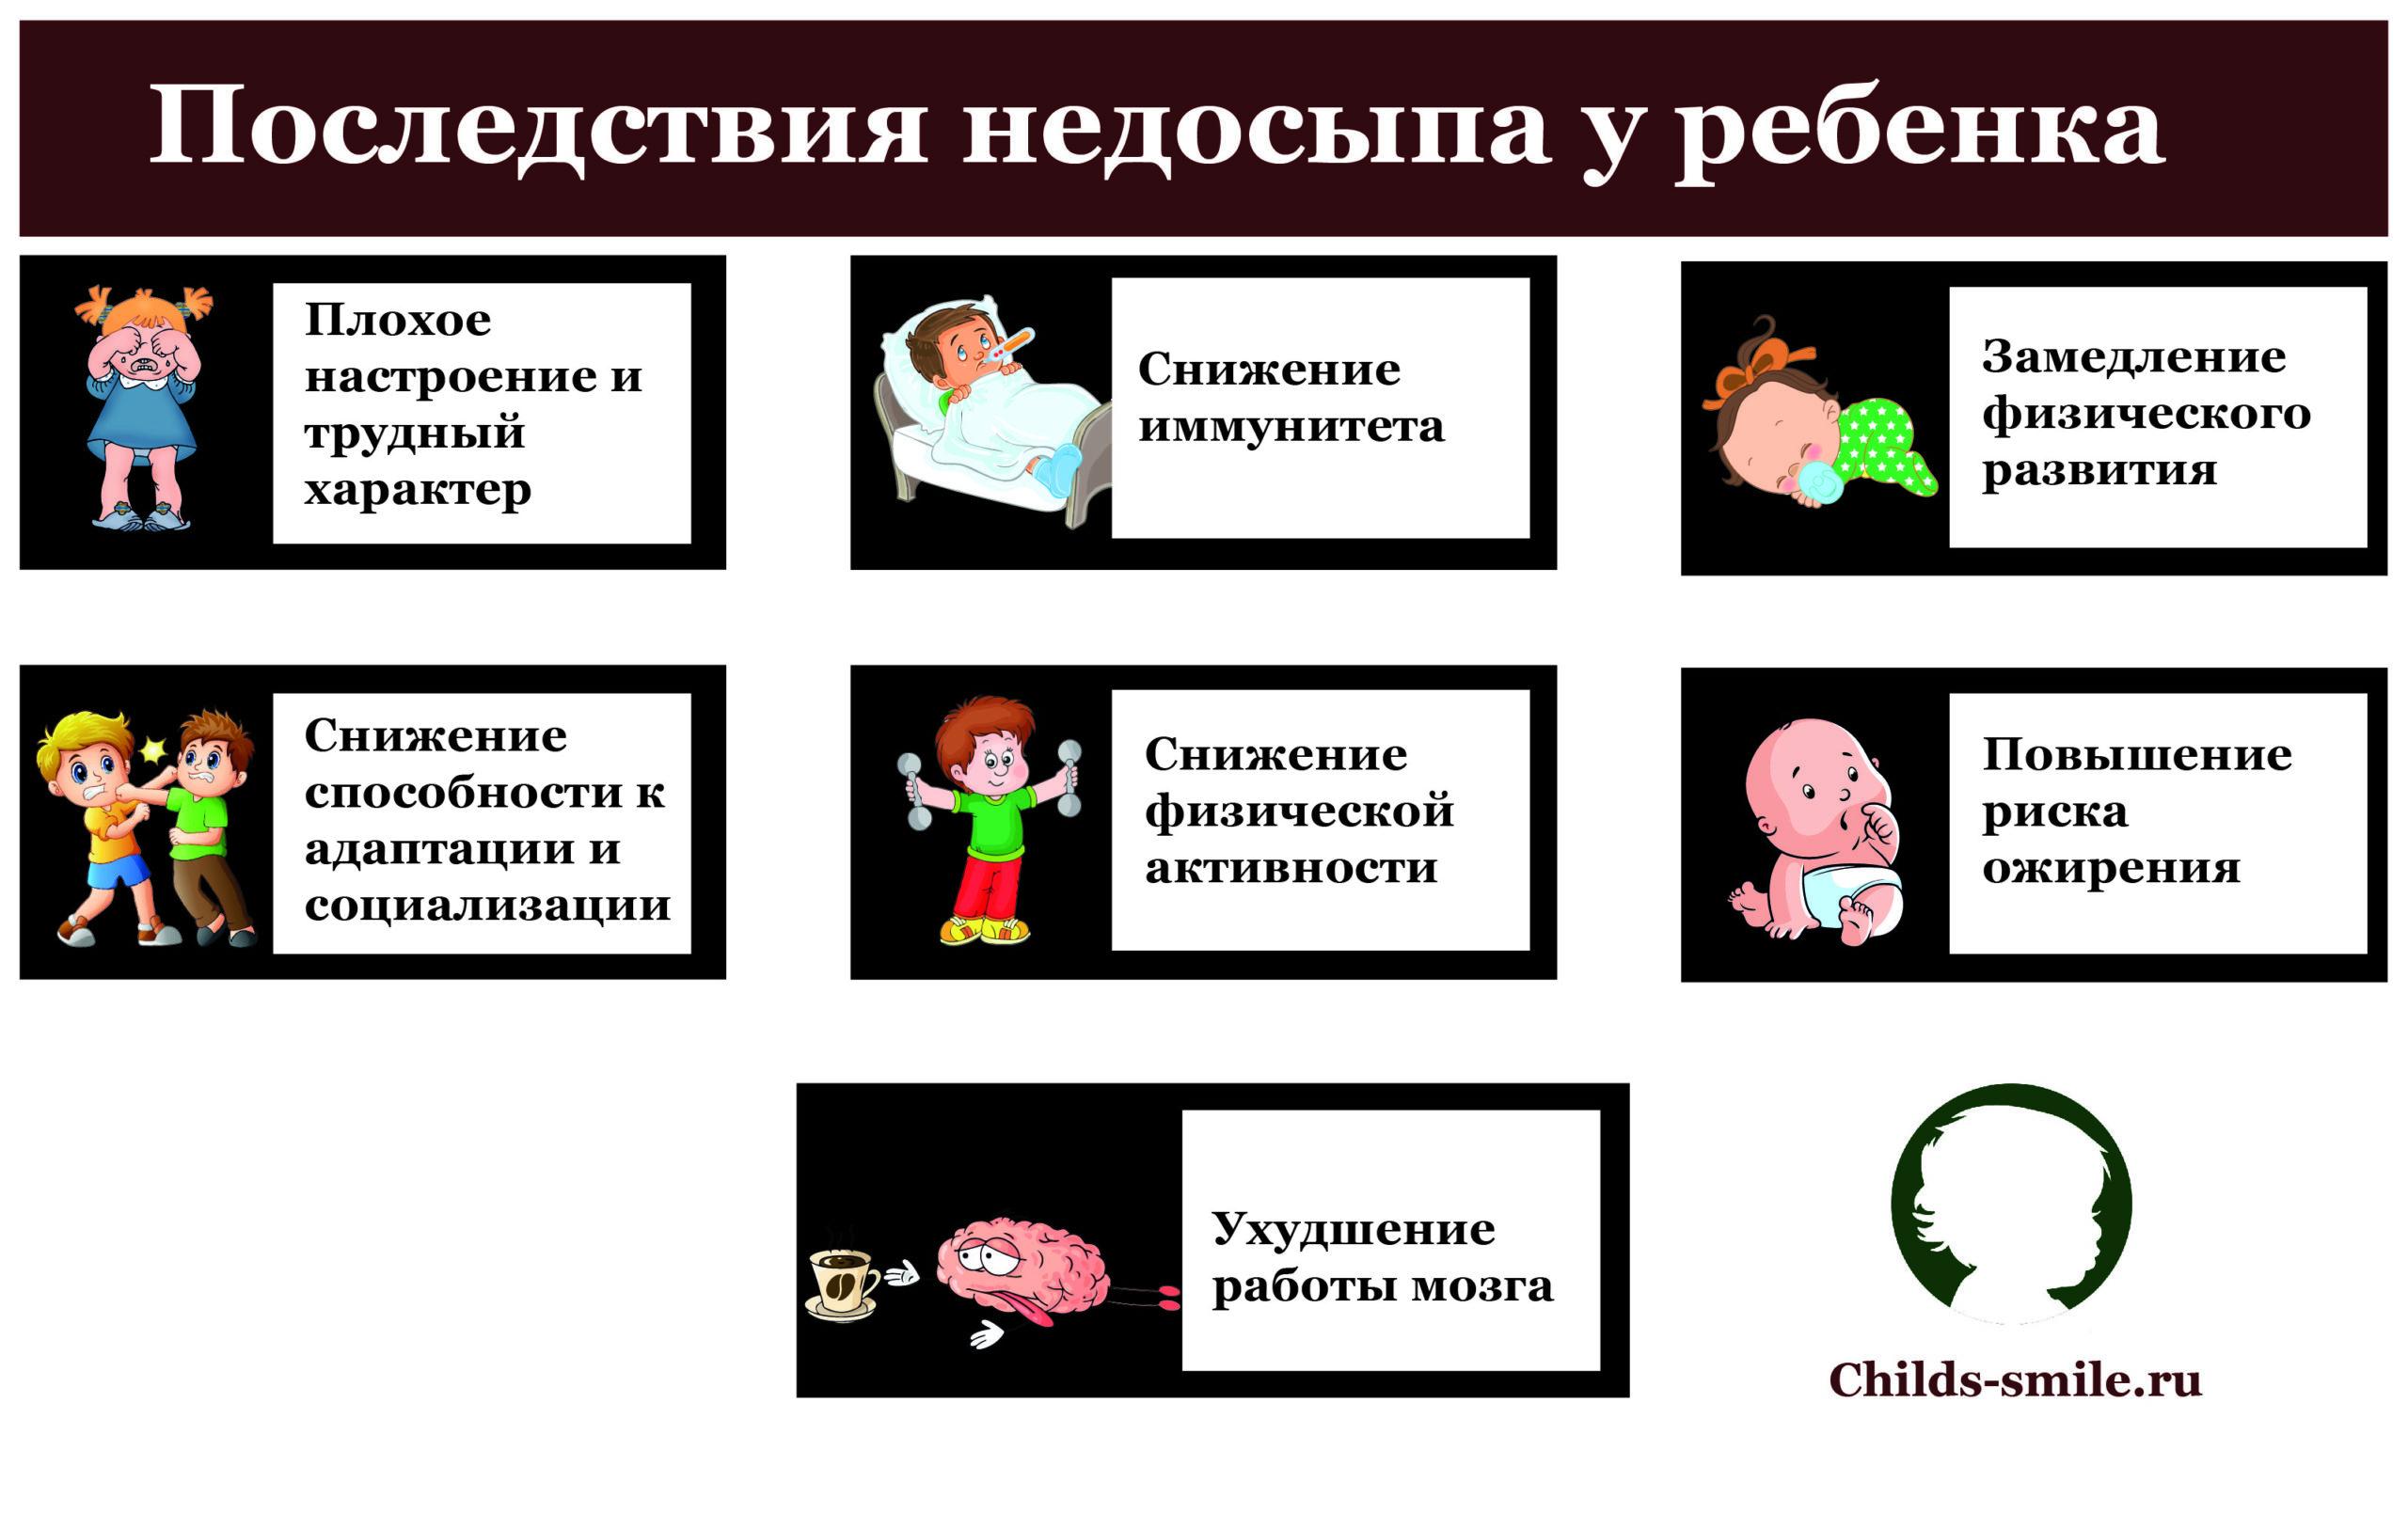 Почему важен сон для детей: последствия недосыпа